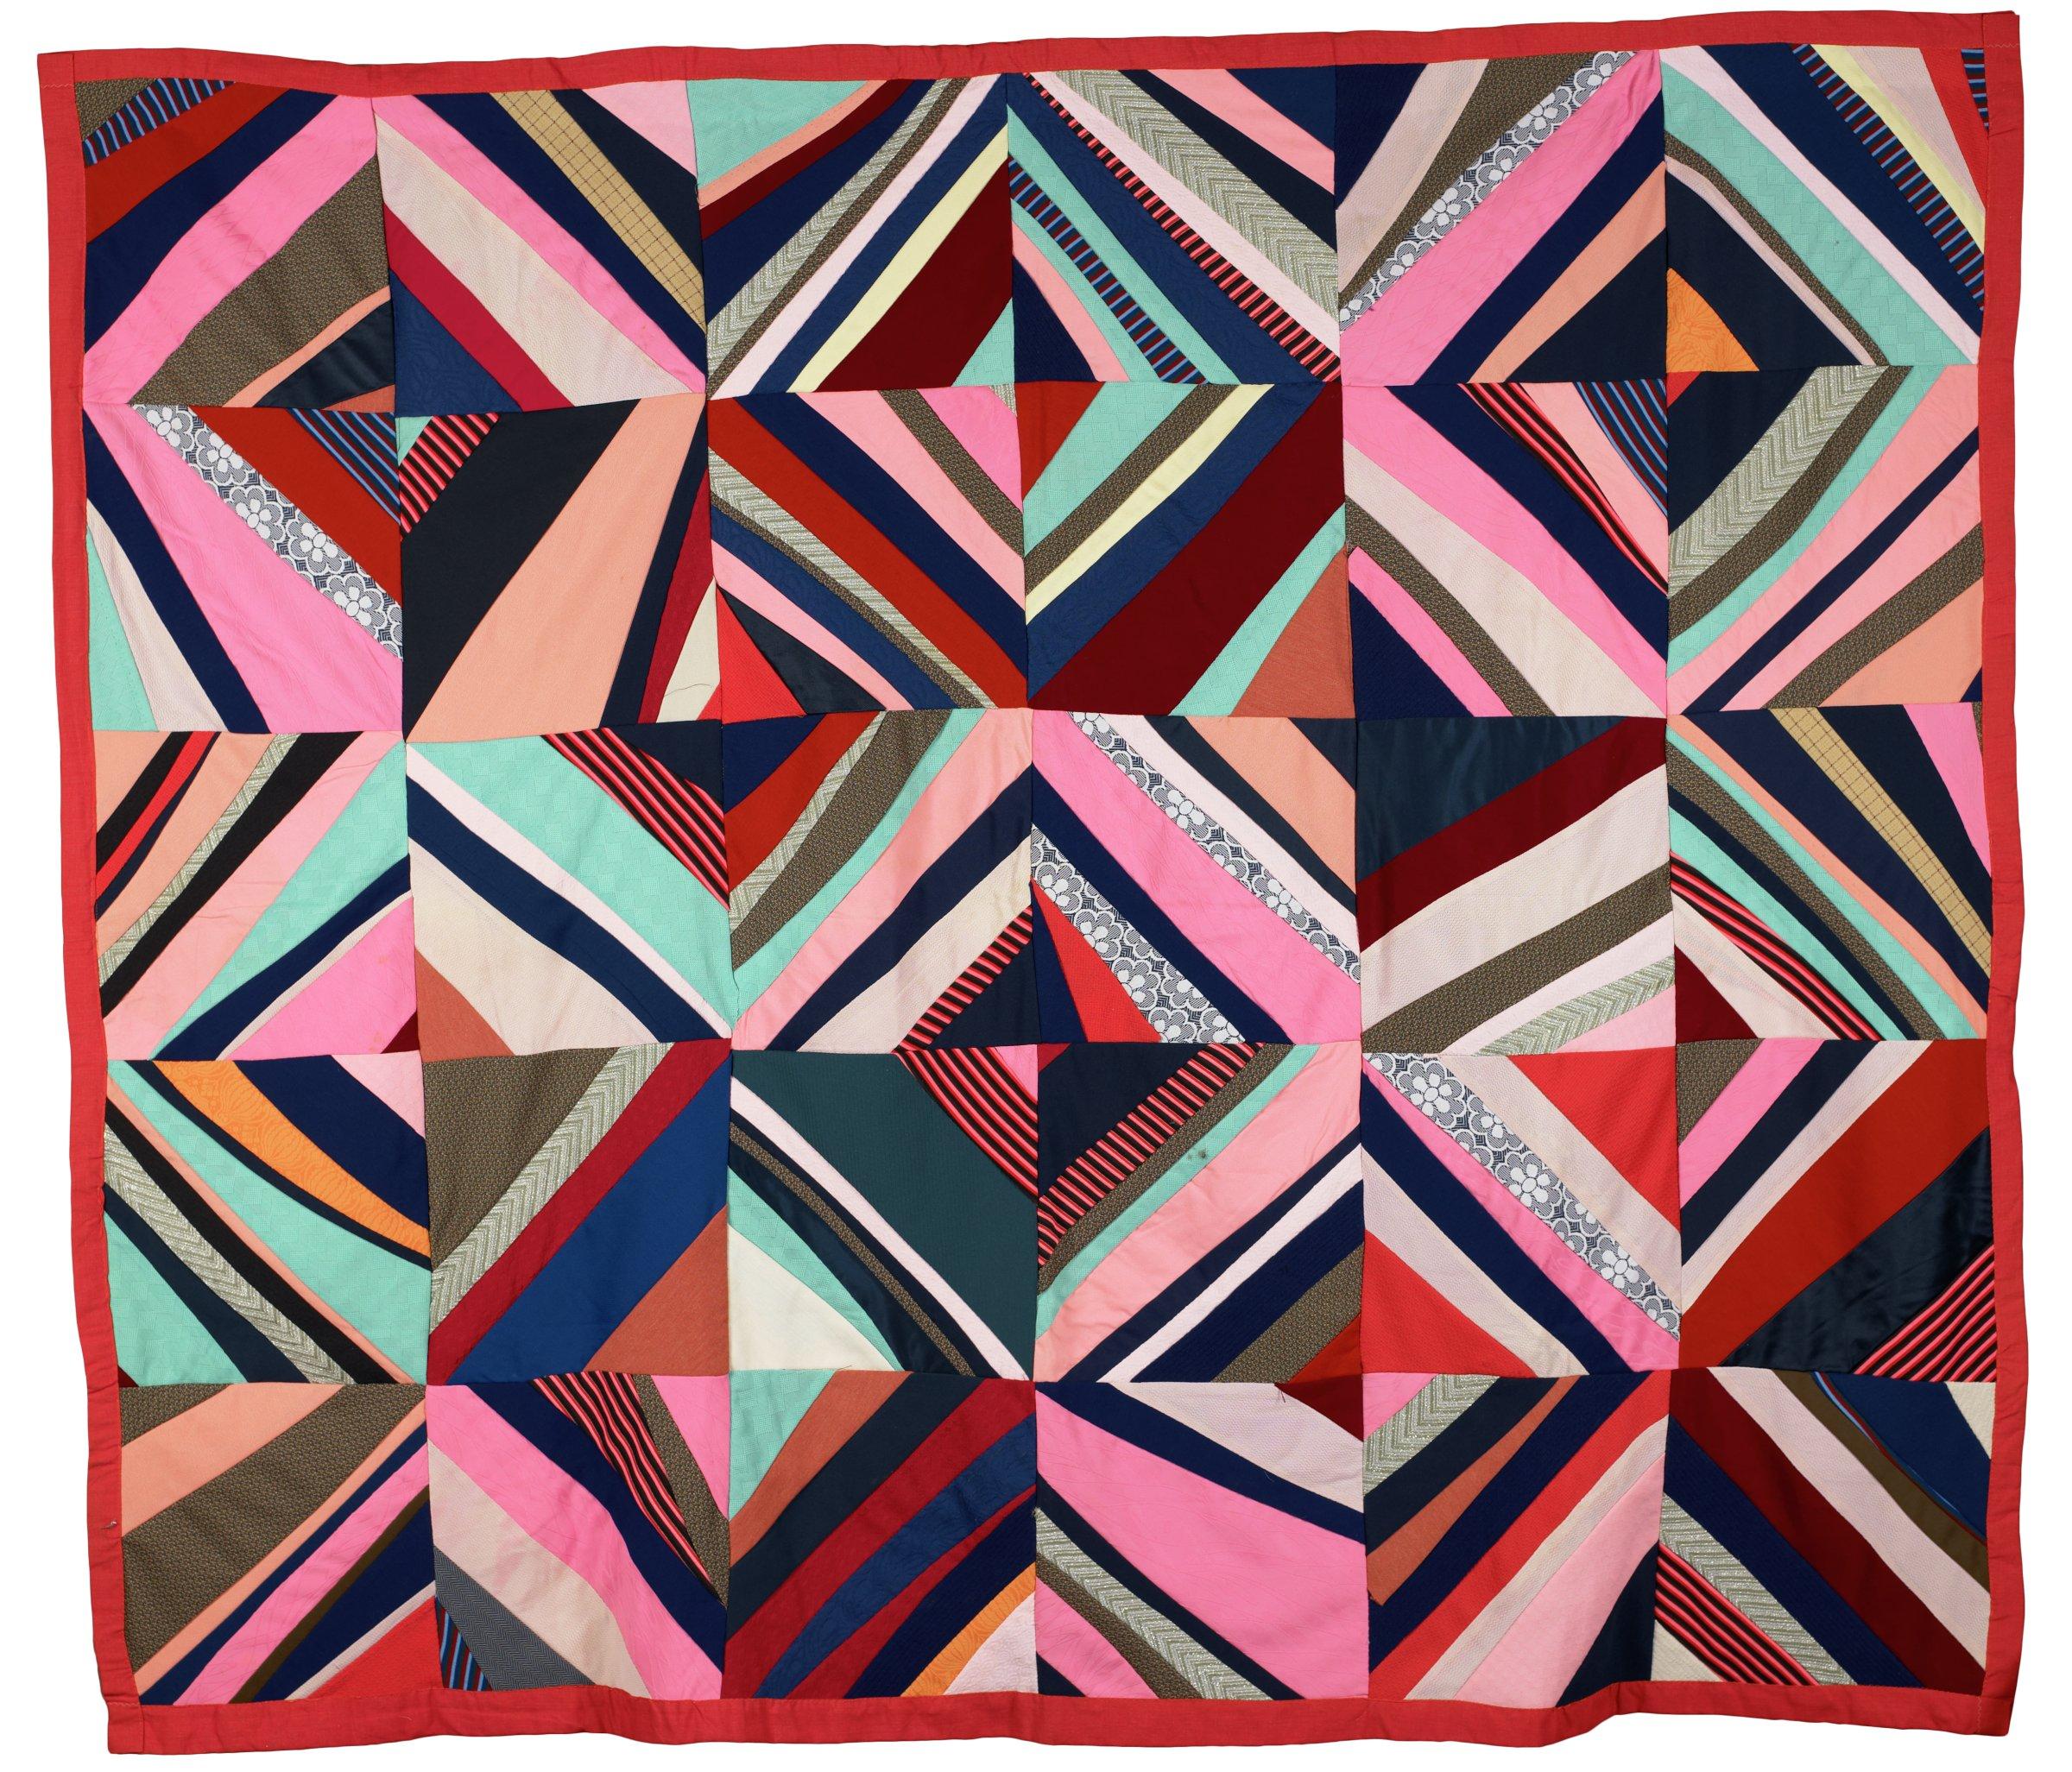 String quilt. All machine-stitched